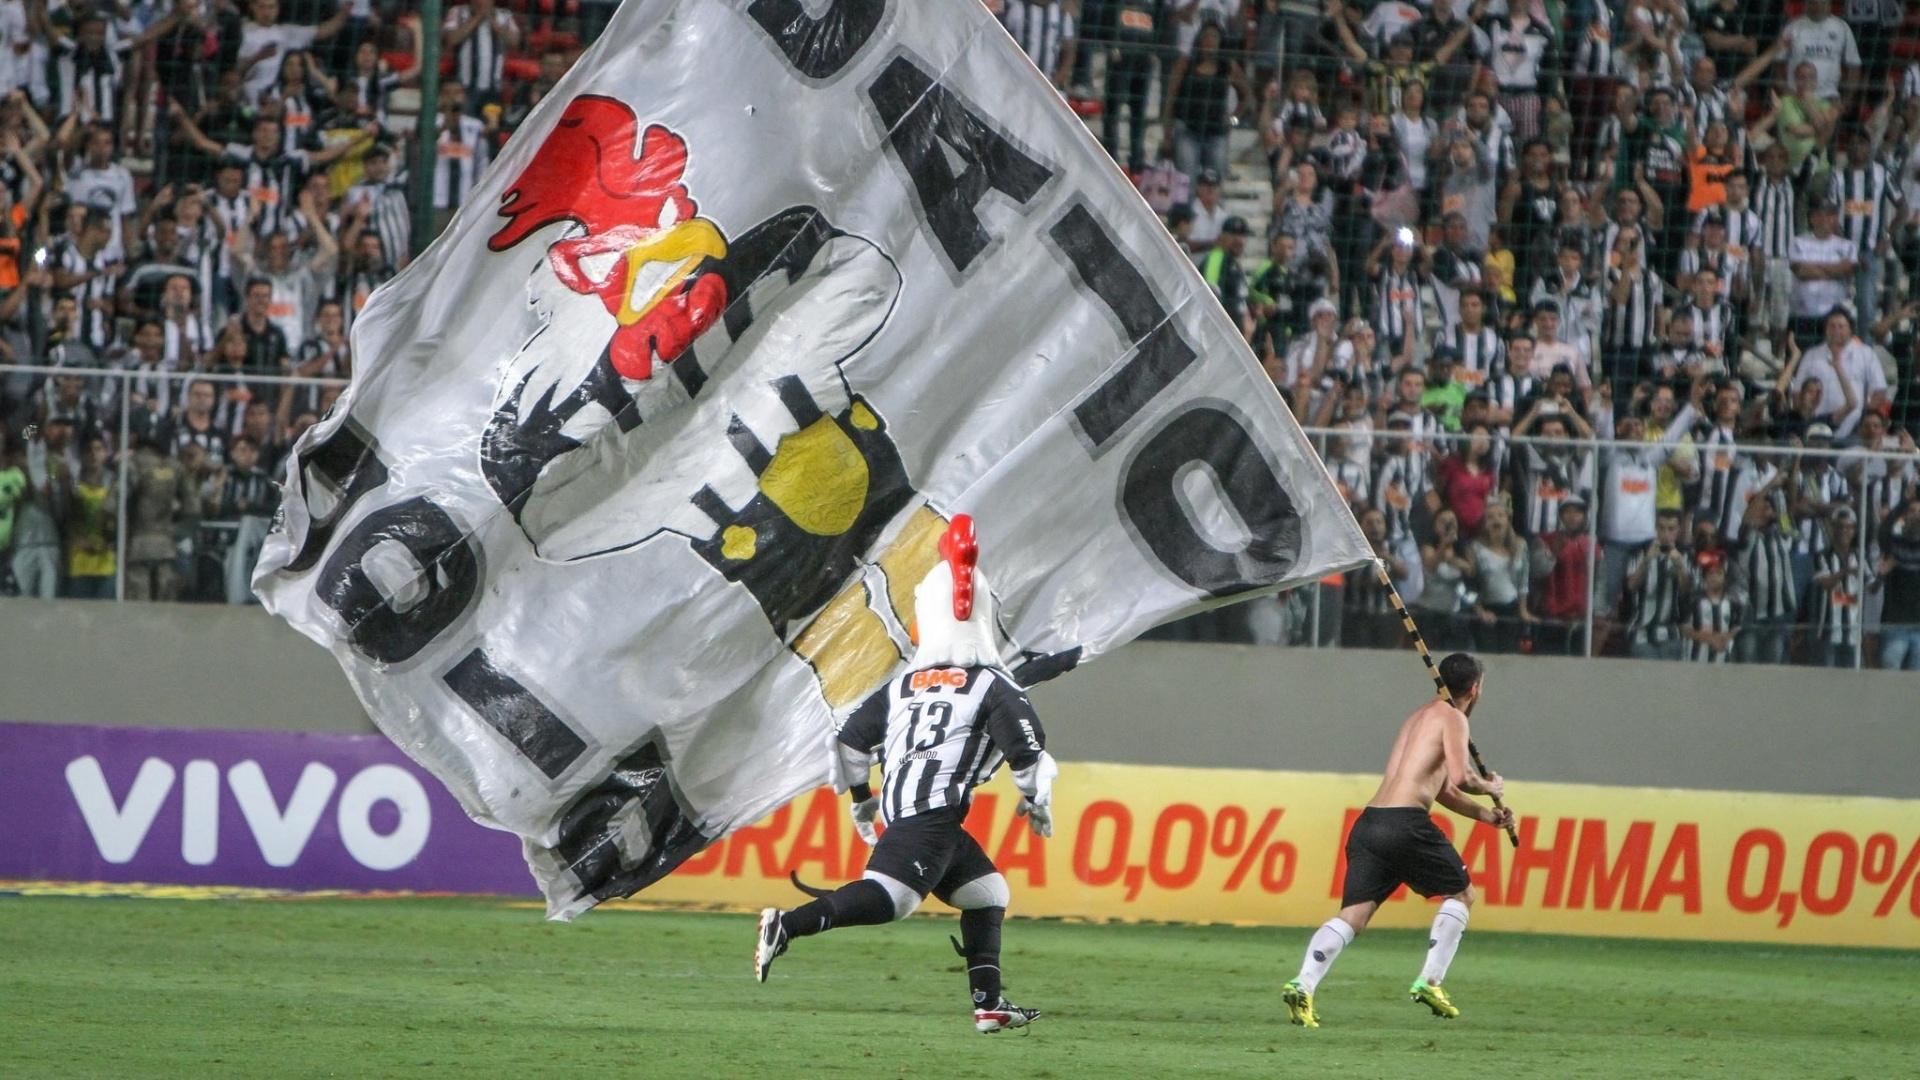 Elenco do Atlético-MG comemora título da Copa do Brasil com a torcida em jogo contra o Coritiba